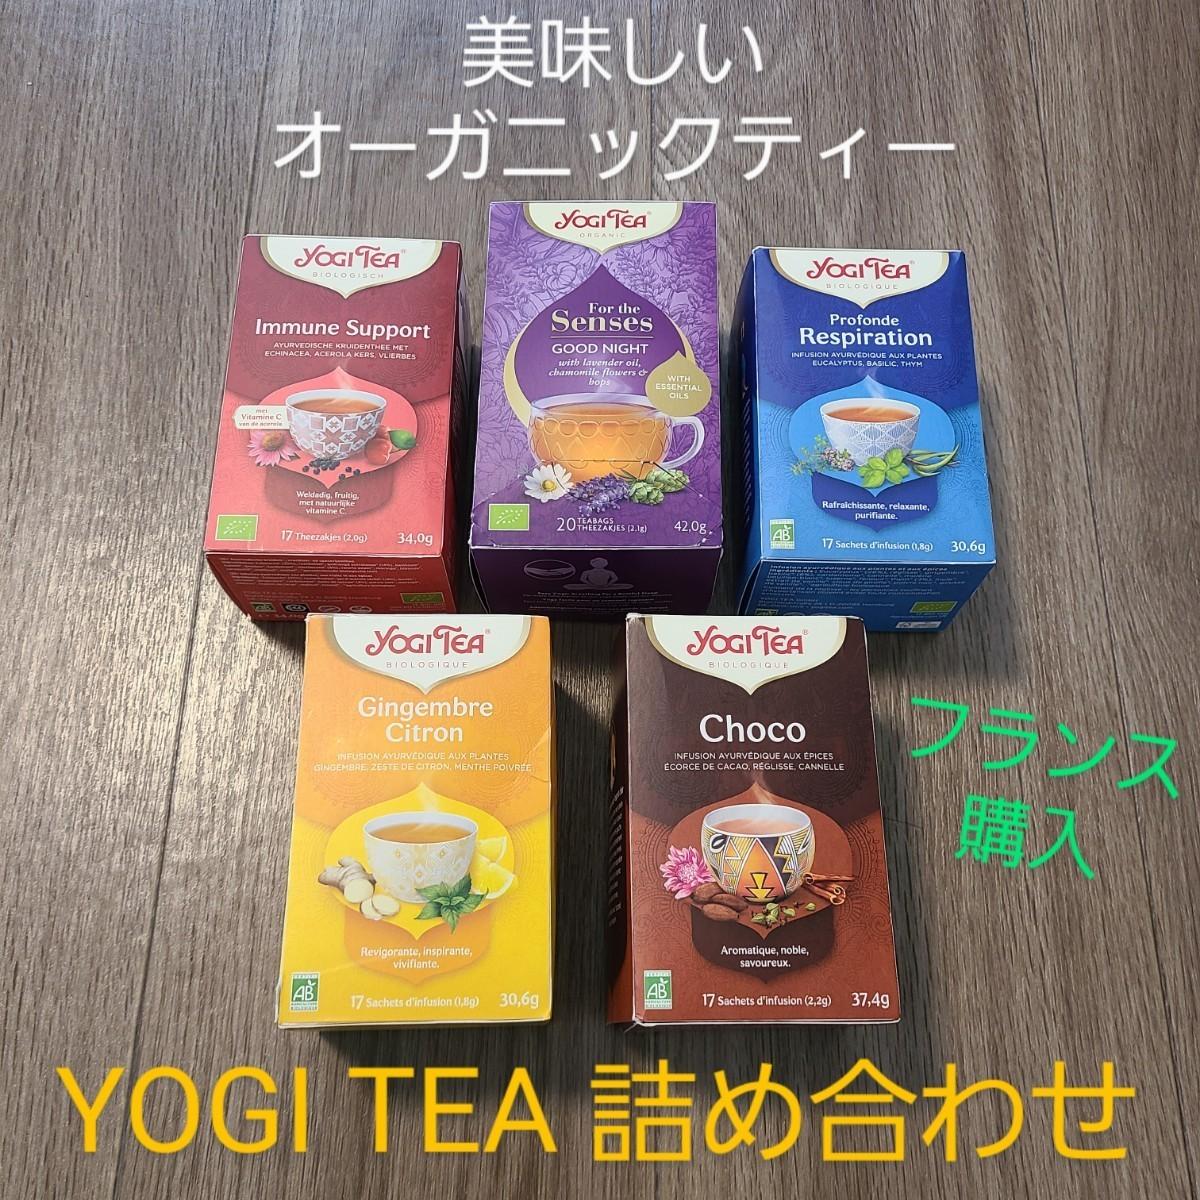 ヨギティー yogi tea 5種類10袋 詰め合わせ